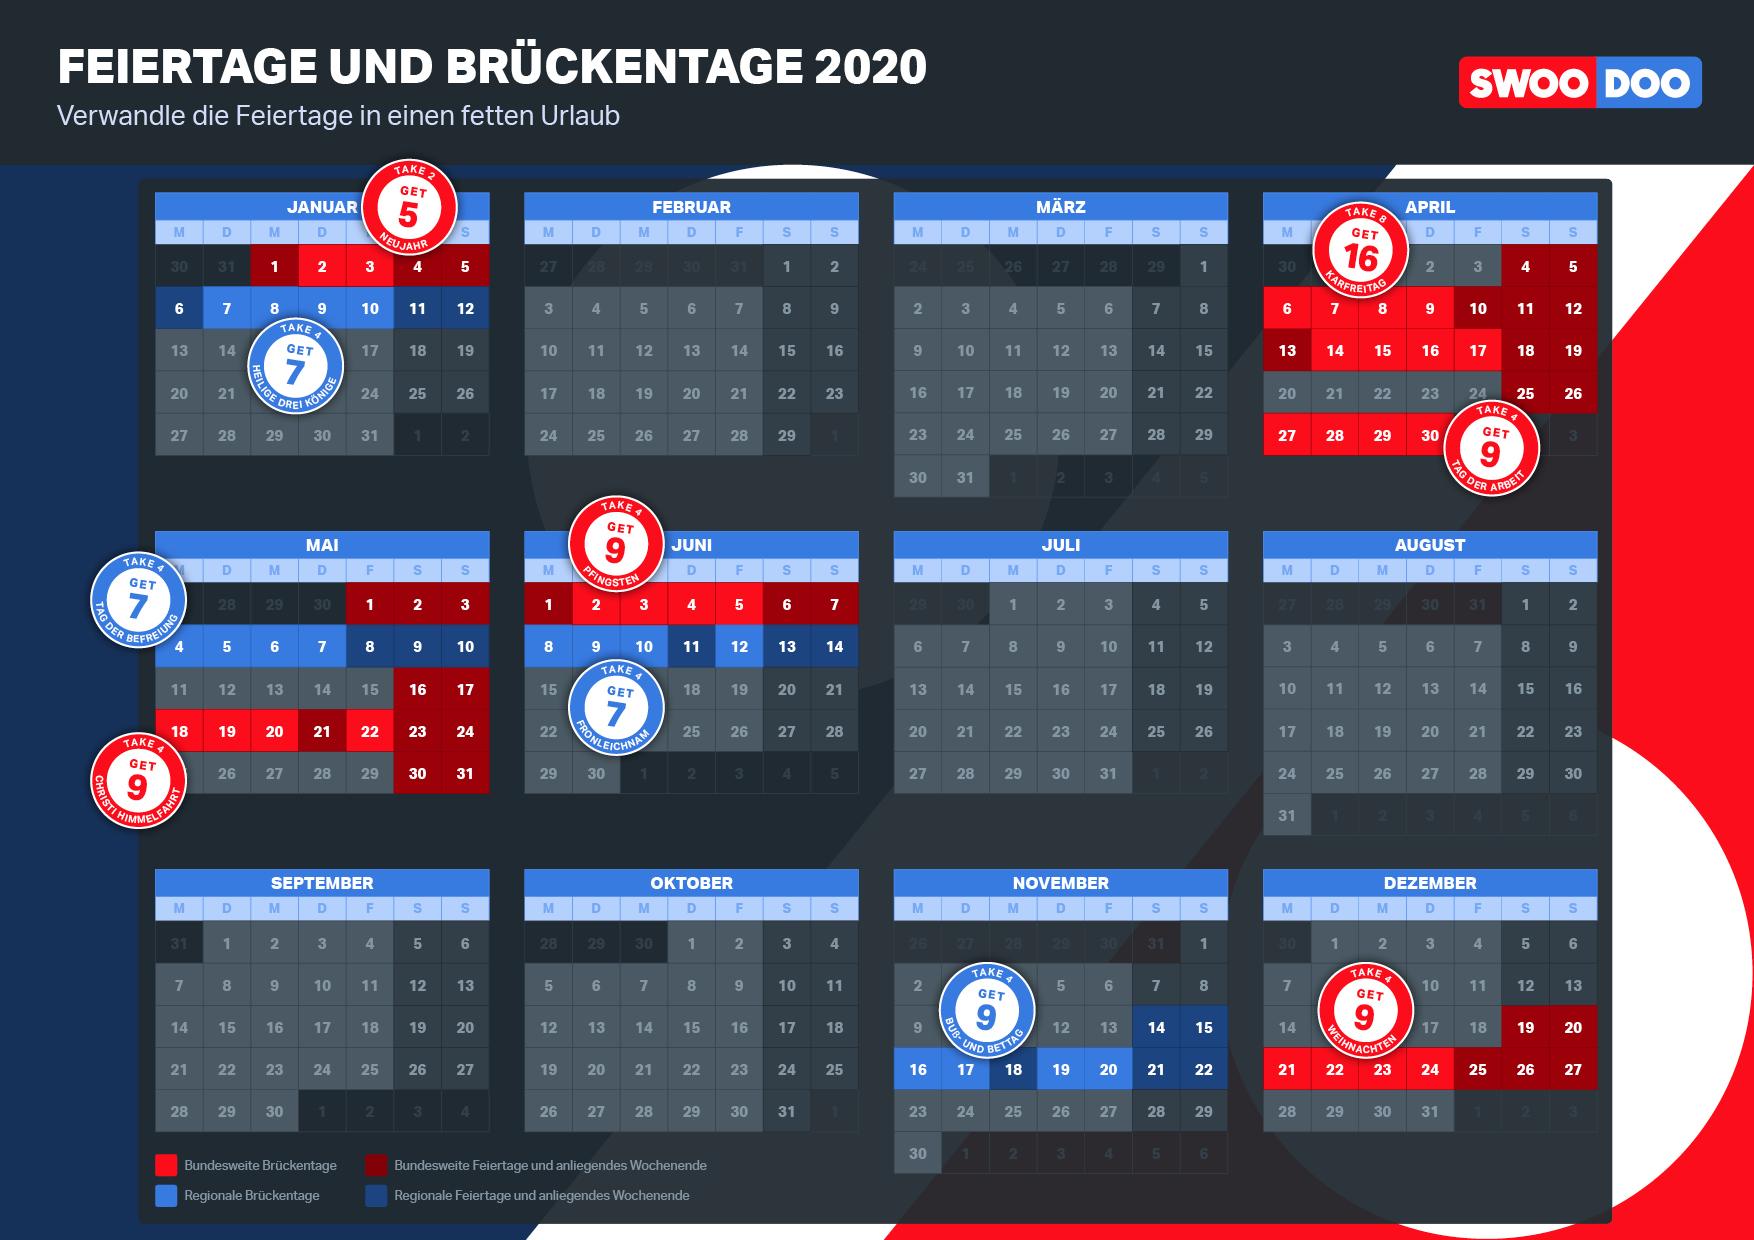 Ferienbeginn sachsen 2020 | Kalender 2020 Sachsen ...